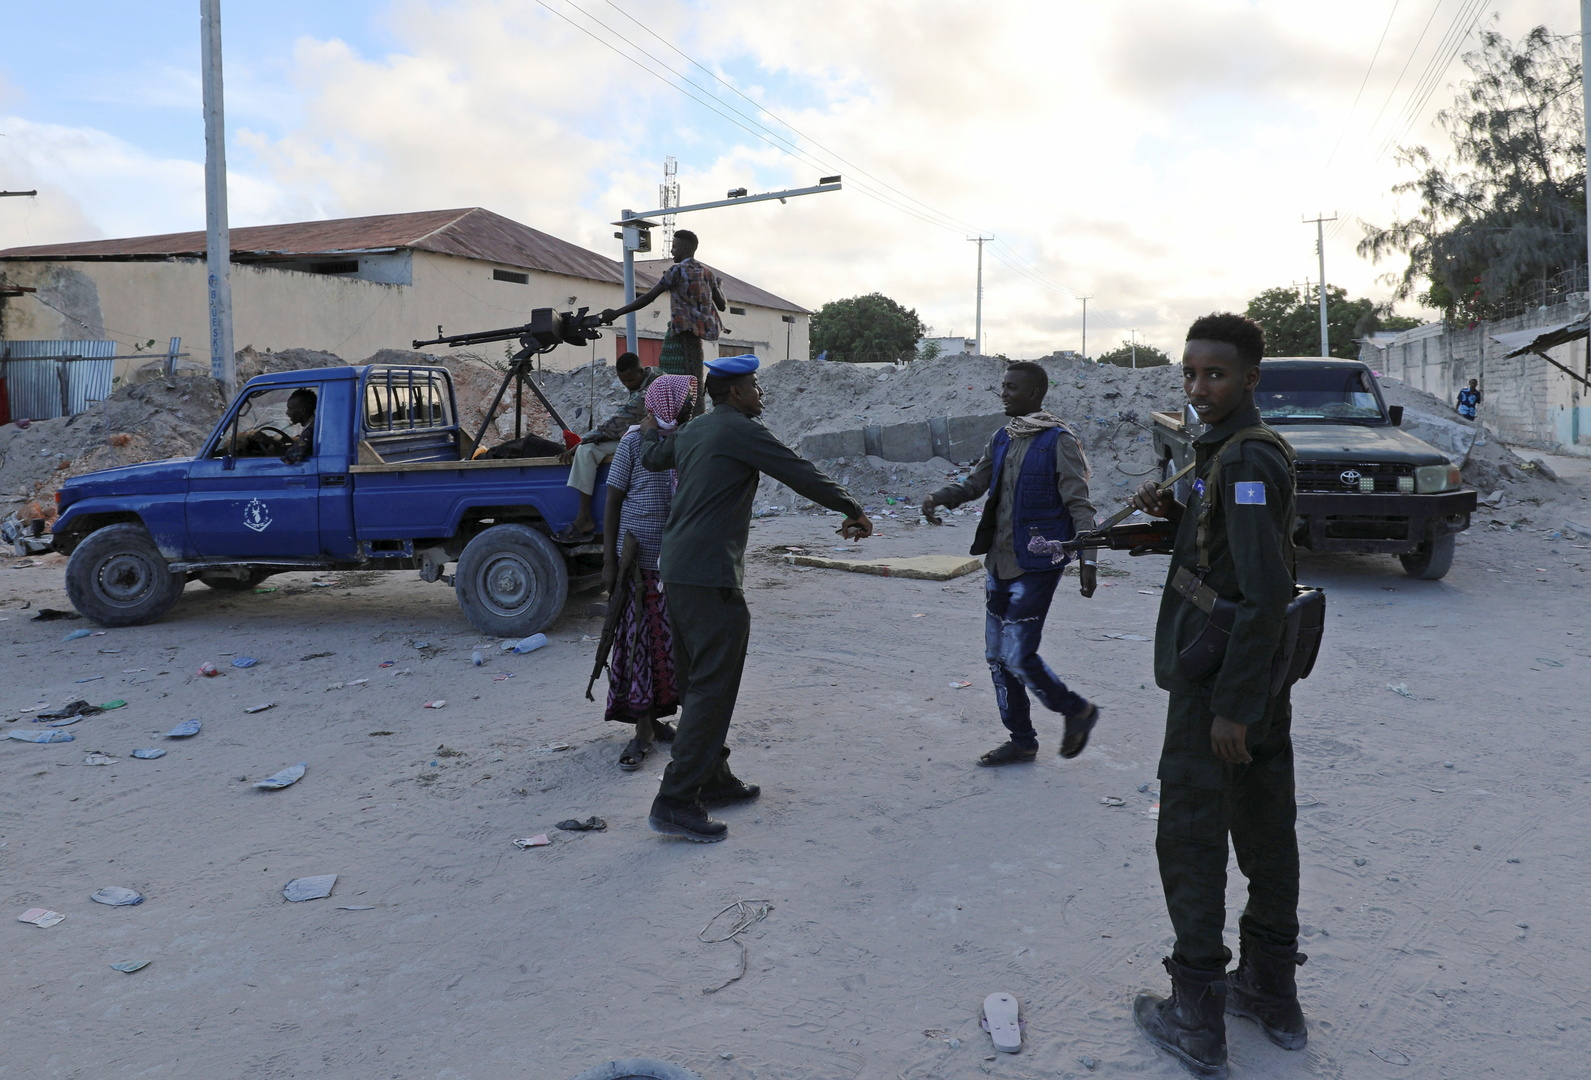 15 قتيلا على الأقل بهجوم انتحاري استهدف معسكرا للجيش في الصومال